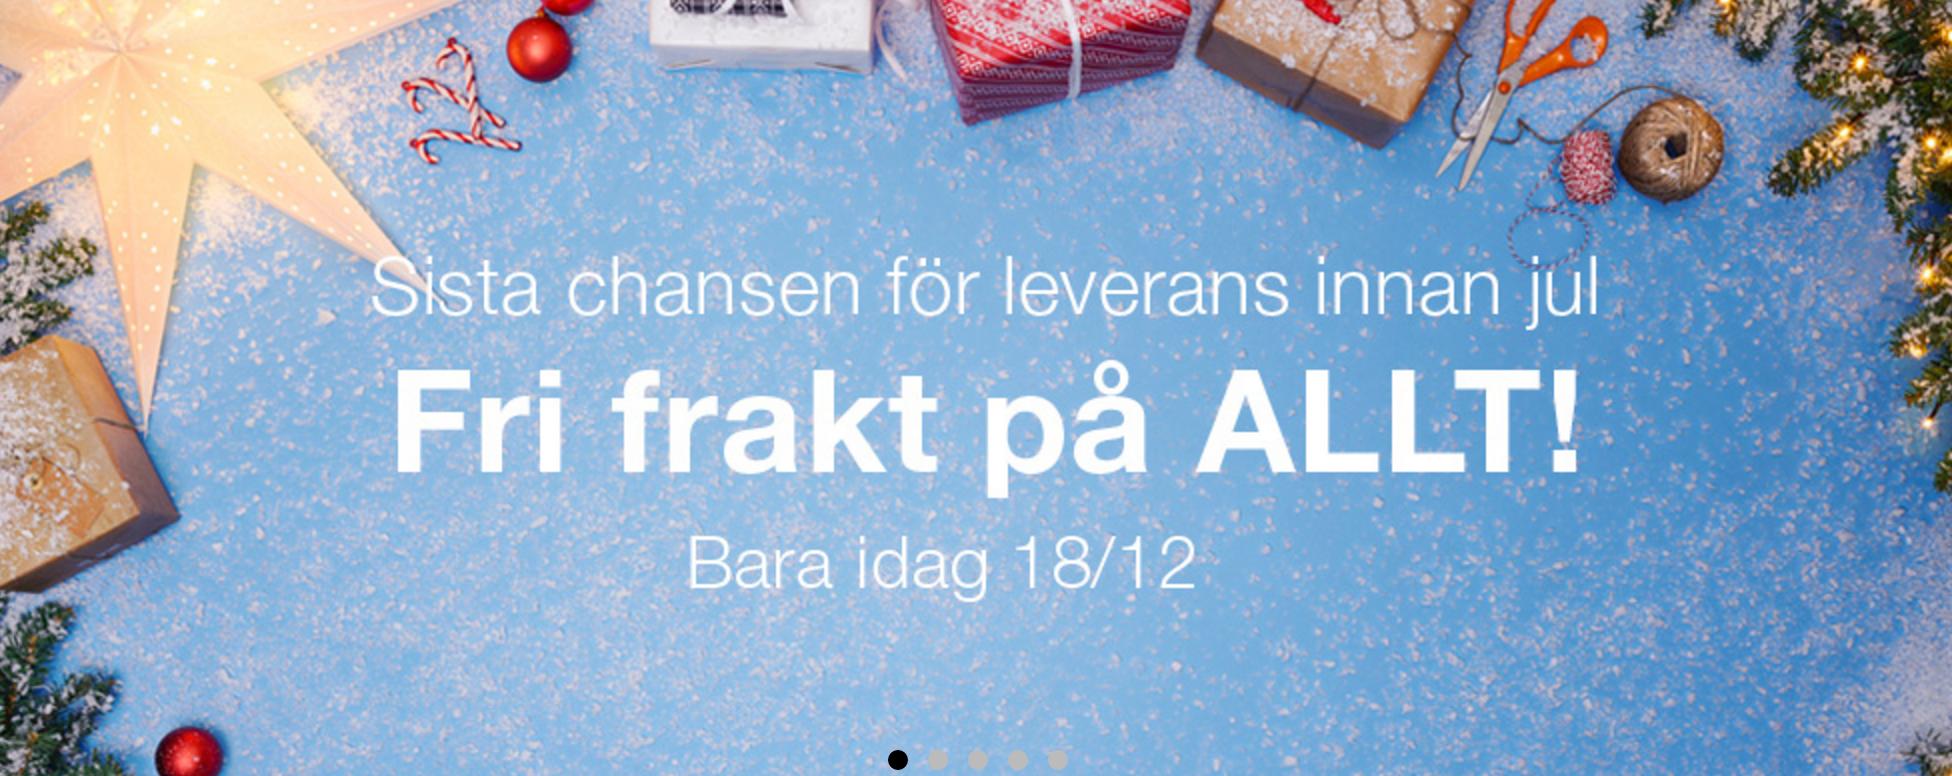 God Jul från Clas Olsson